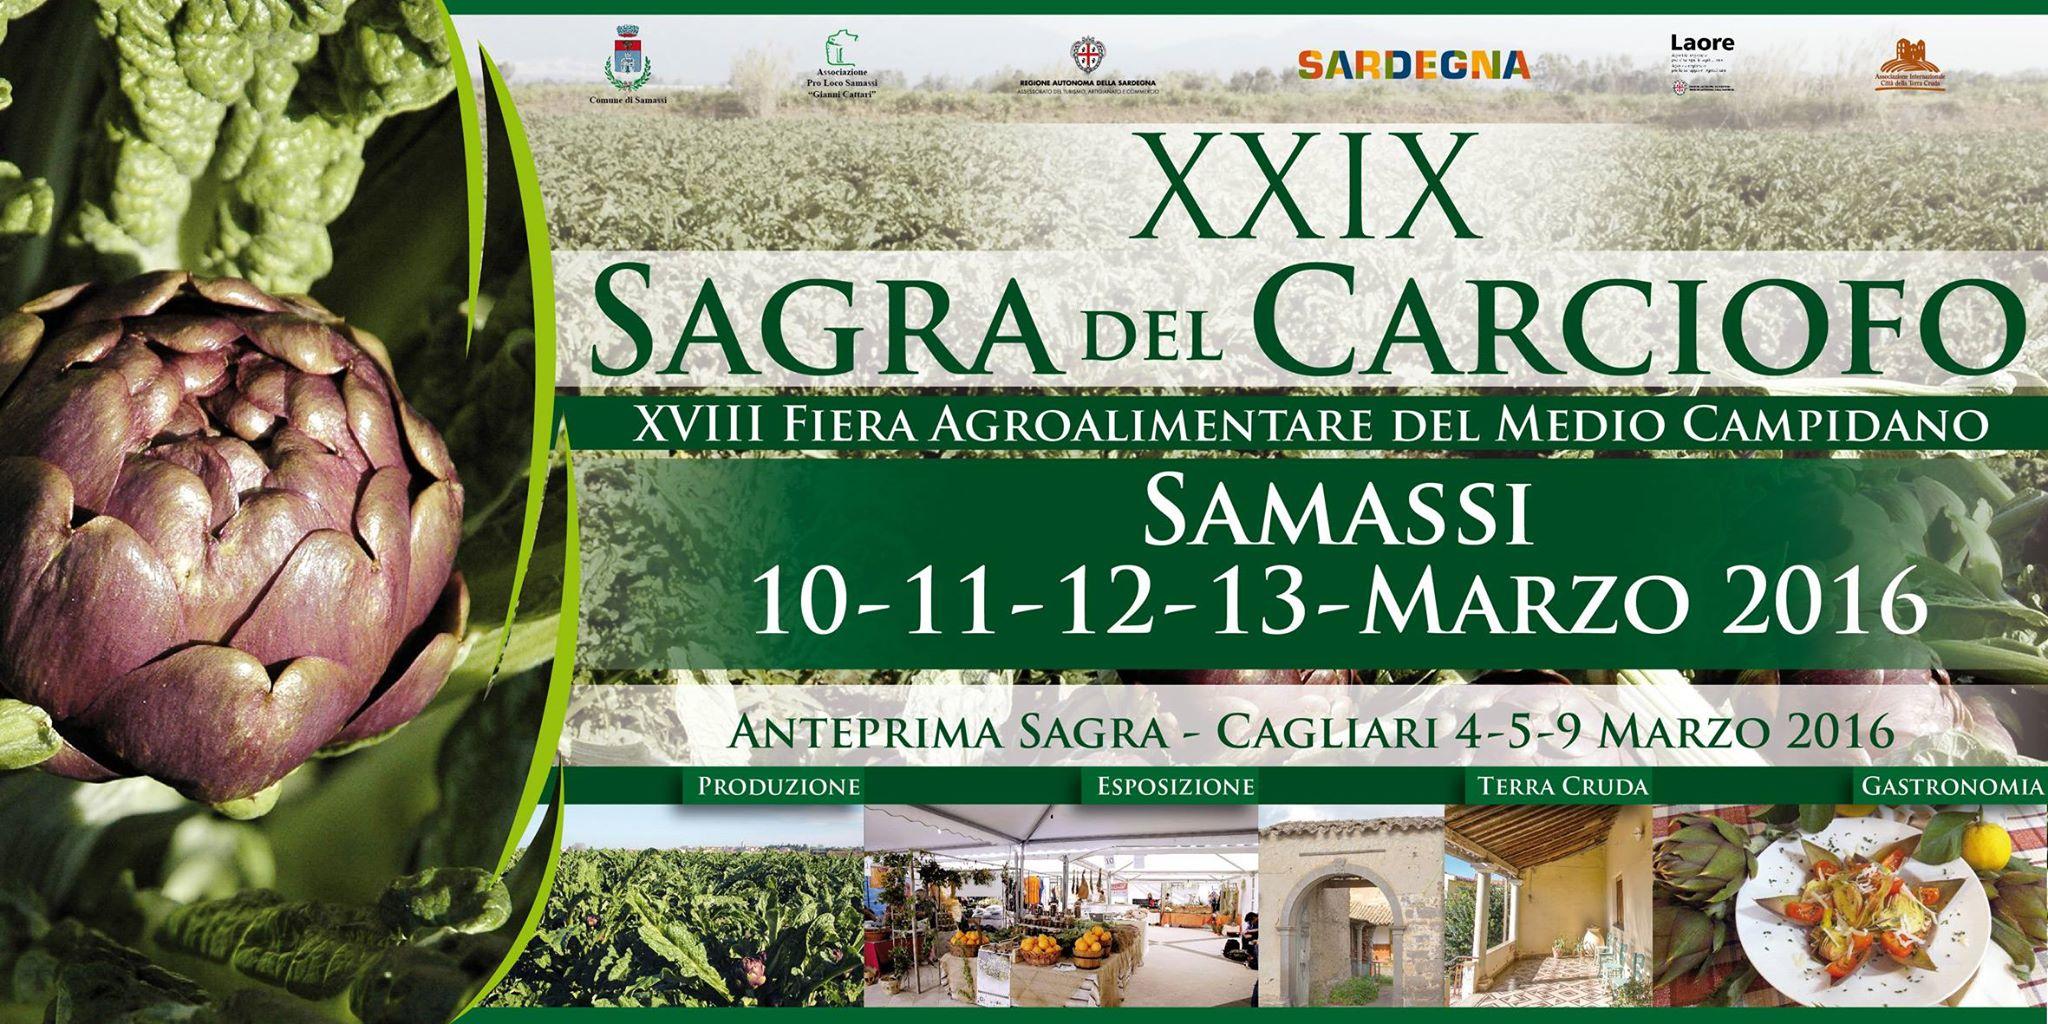 XXIX Sagra del Carciofo di Samassi dal 10 al 13 marzo 2016